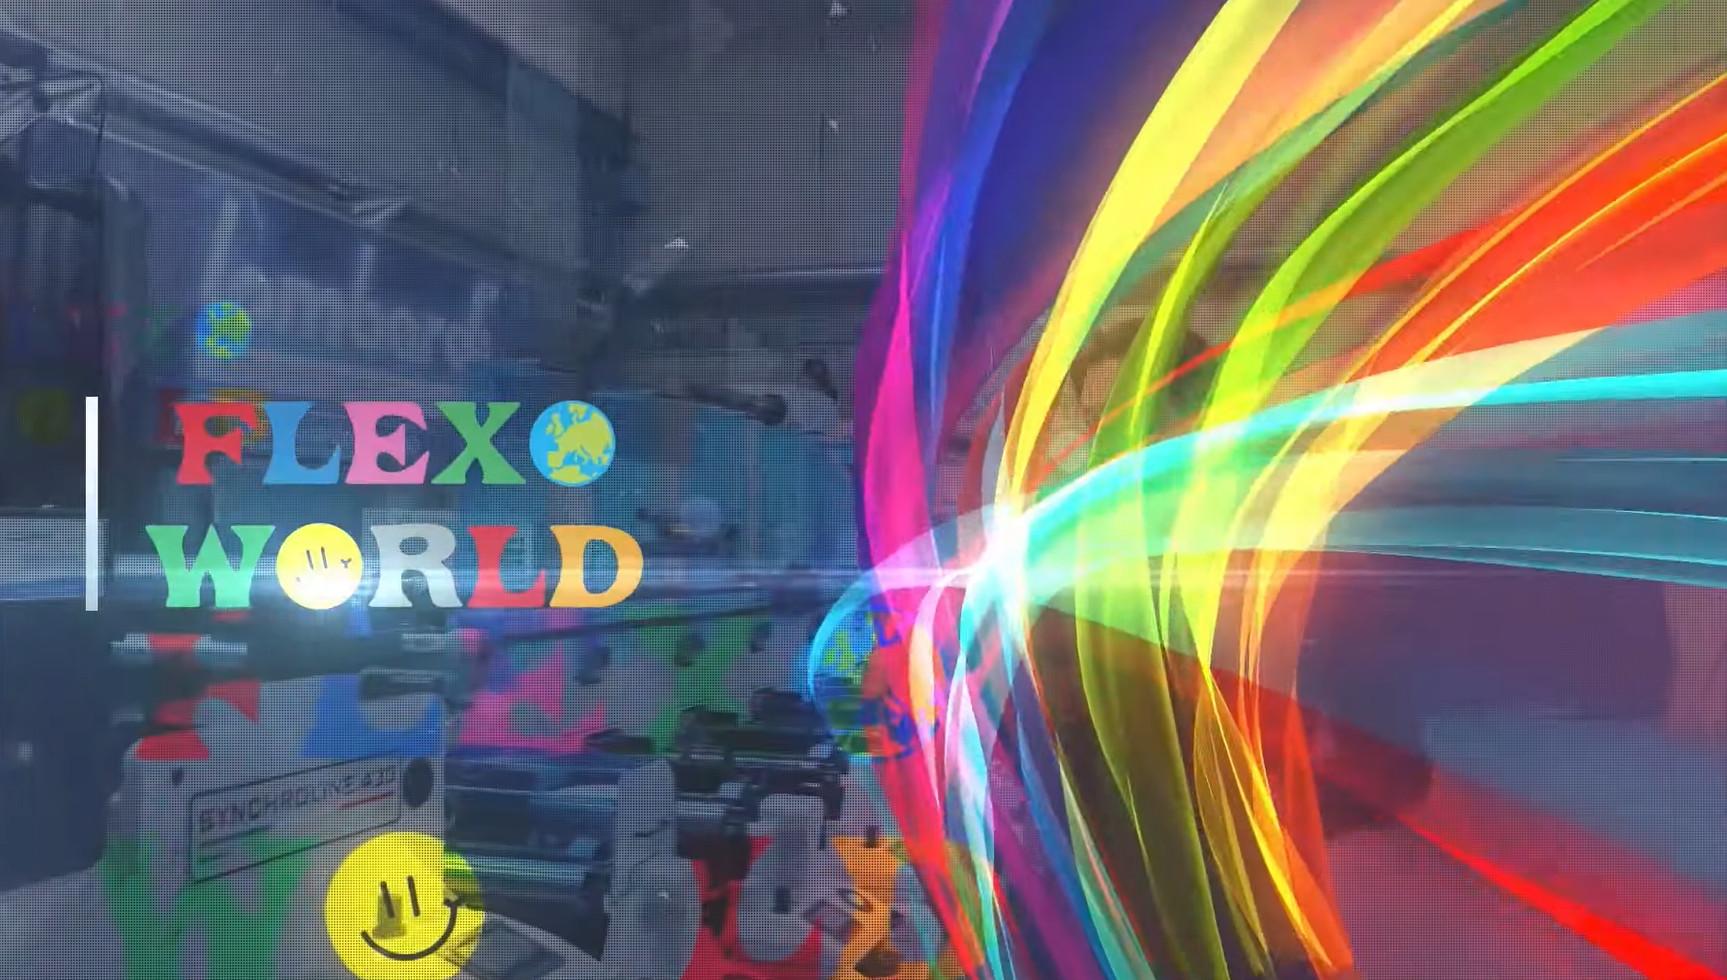 flexoworld_